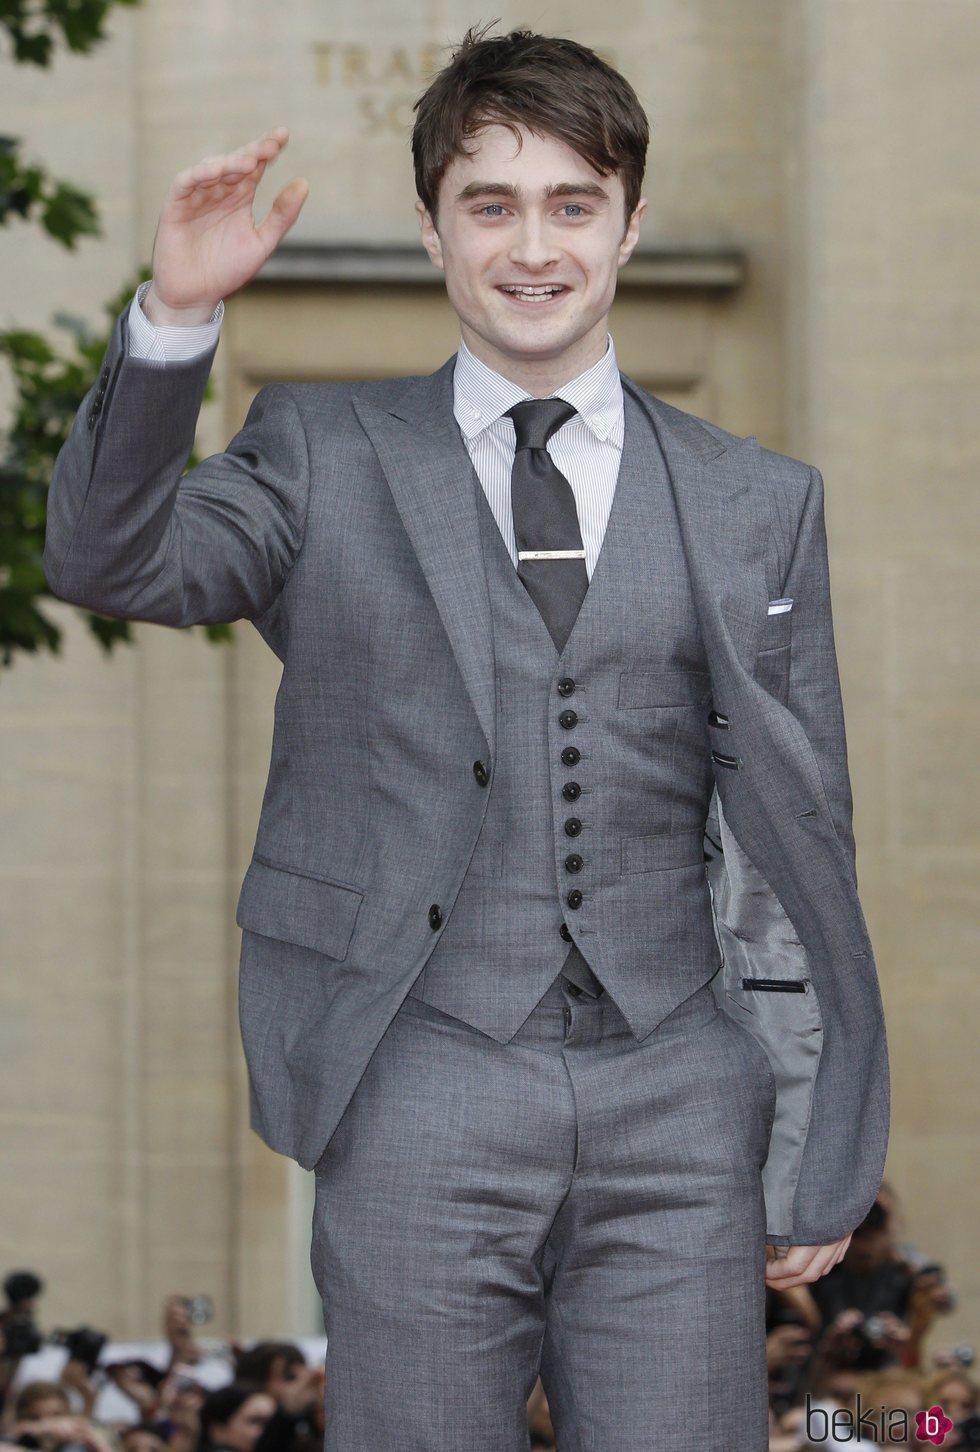 Daniel Radcliffe saludando